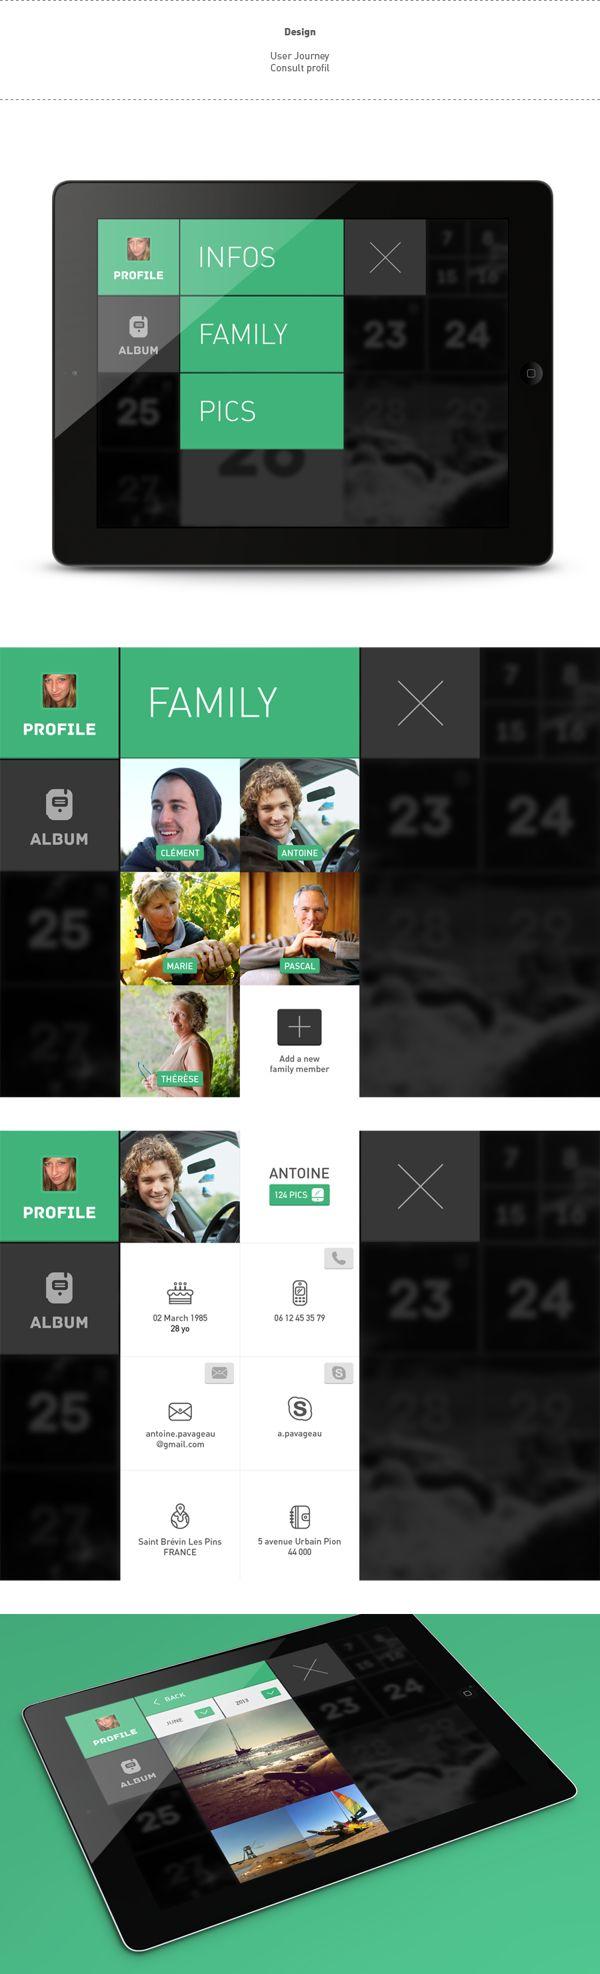 Family Pics by Clément Pavageau, via Behance